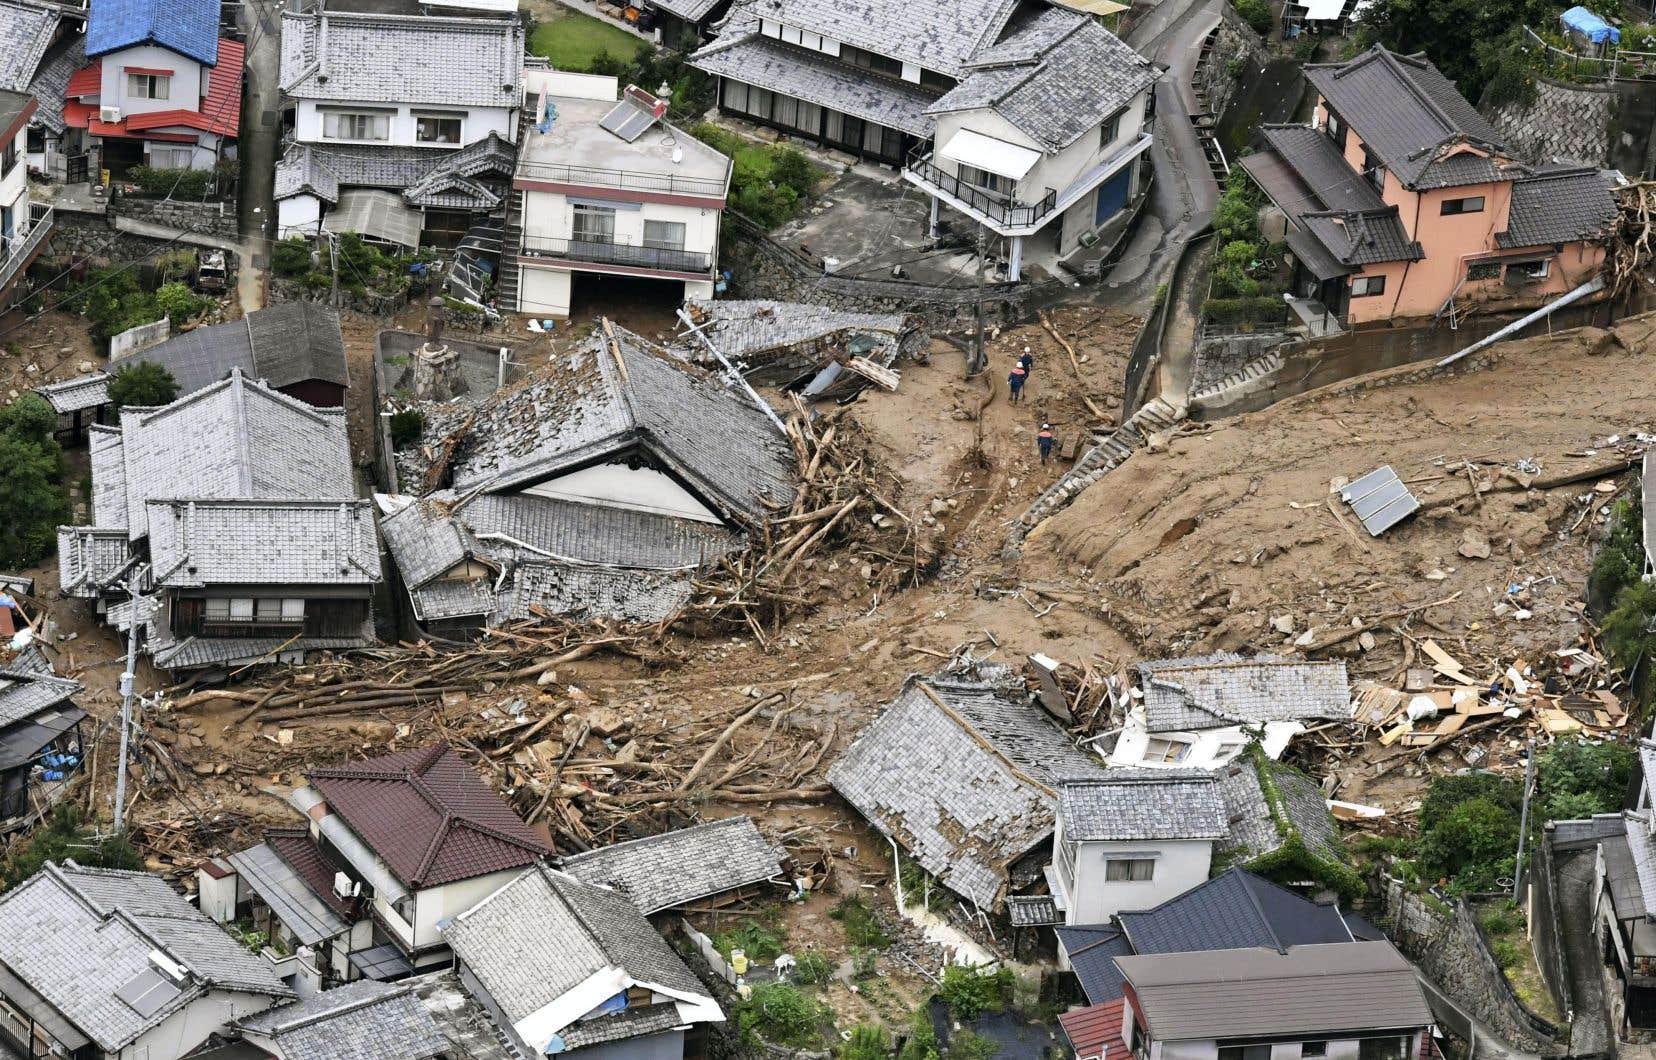 Les précipitations record enregistrées depuis plusieurs jours dans plusieurs régions ont entraîné des crues exceptionnelles, des glissements de terrain et des inondations.